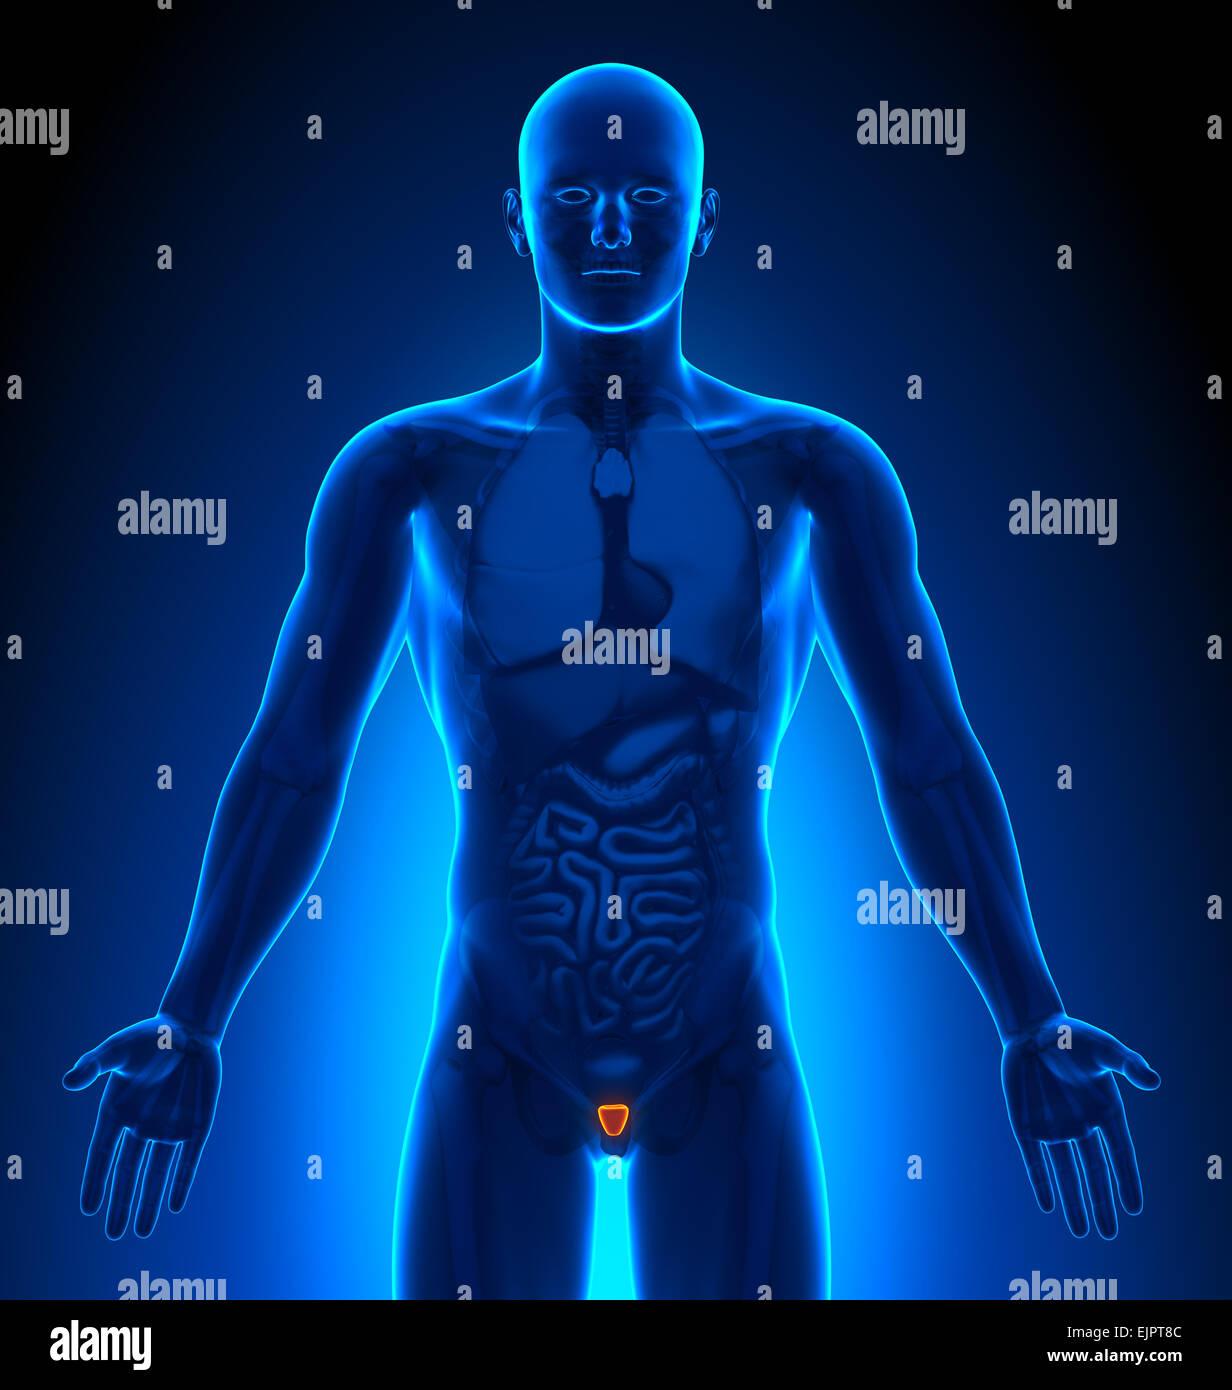 Männliche Prostata Anatomie Xray Sicht Stockfoto, Bild: 80407276 - Alamy